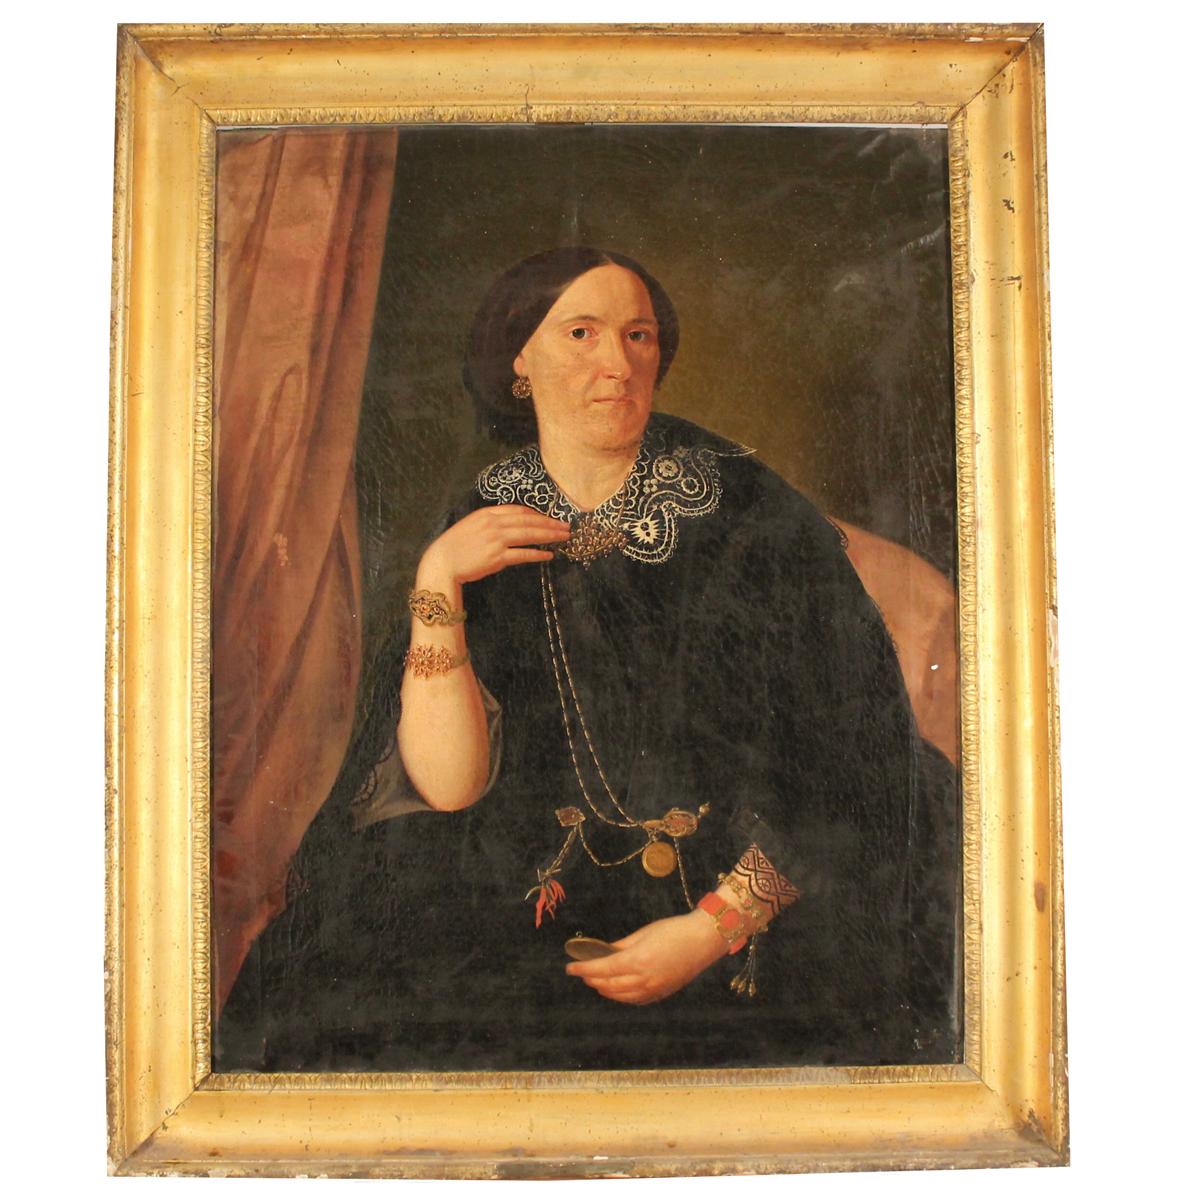 """SCUOLA SICILIANA DEL SECOLO XIX """"Figura di nobildonna""""- SICILIAN SCHOOL OF THE XIX CENTURY """"Figure o - Image 2 of 2"""